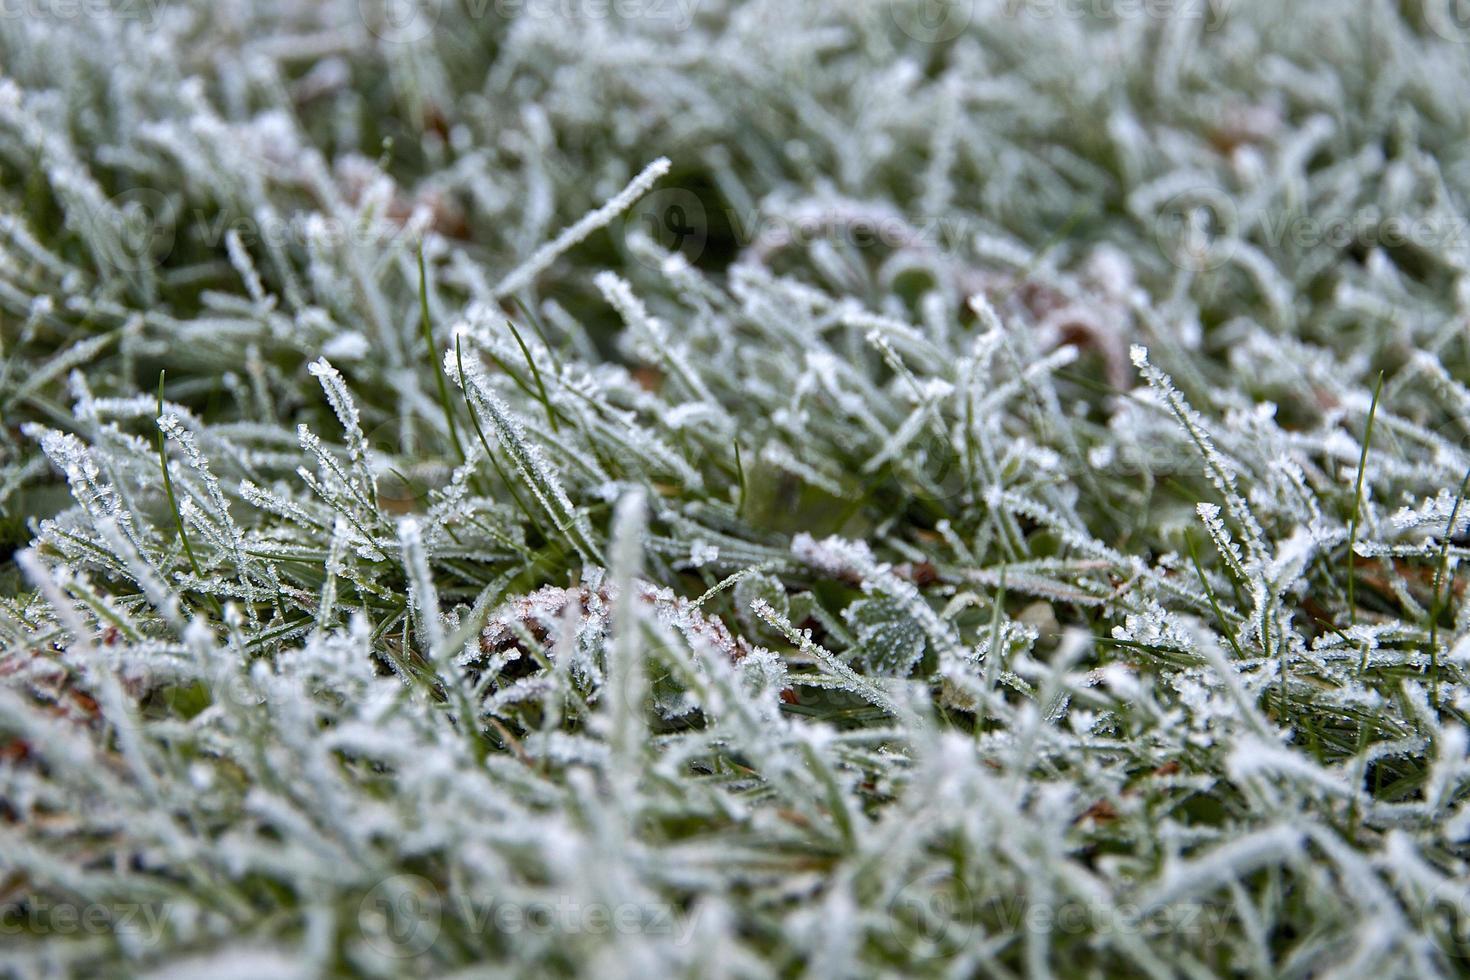 geada em folhas de grama foto